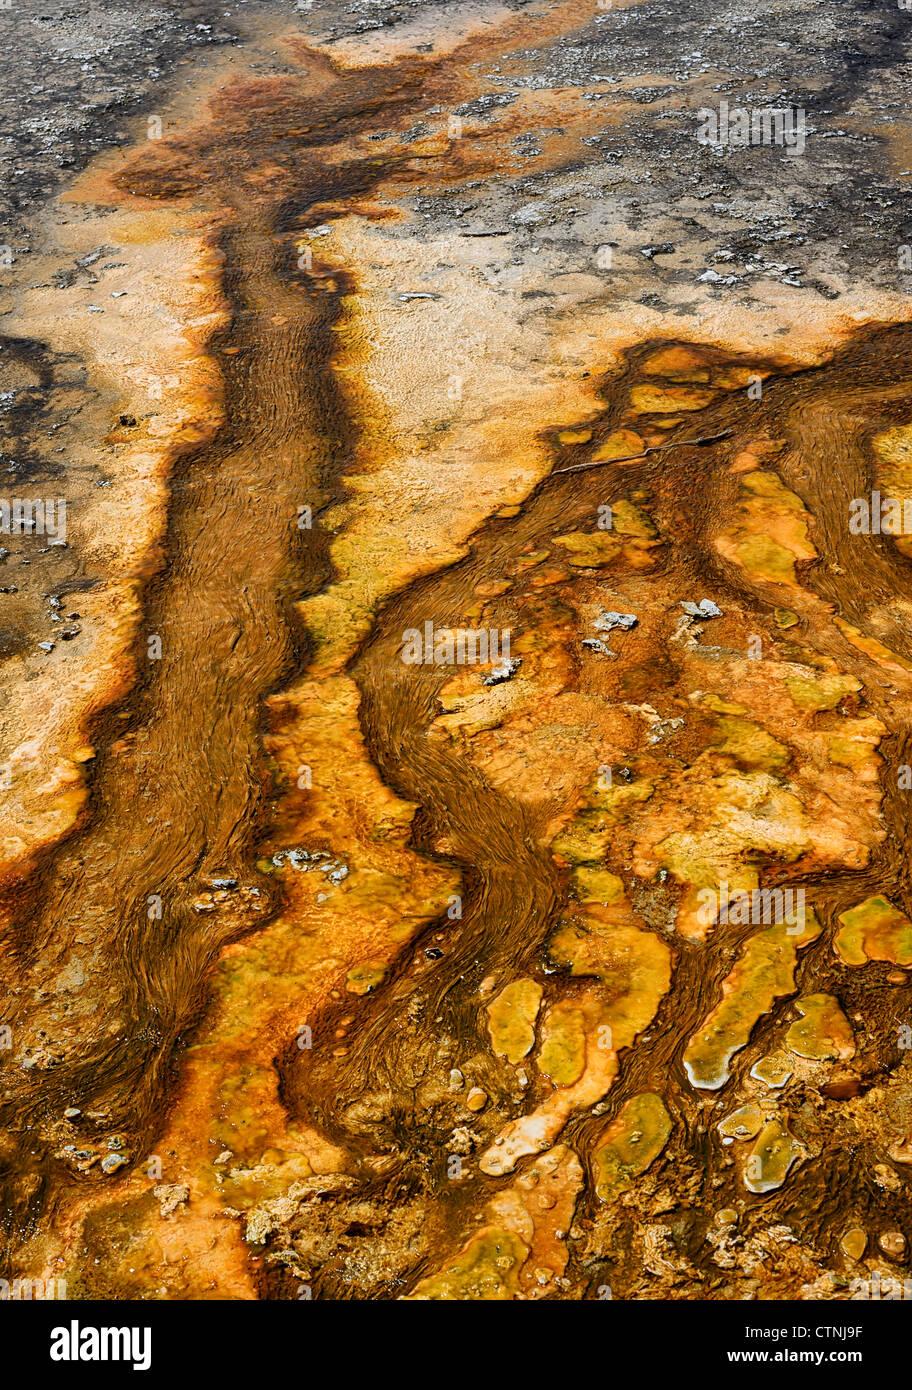 Résumé Les modèles de boue dans la région de geyser Basin, Parc National de Yellowstone, Wyoming, USA Banque D'Images